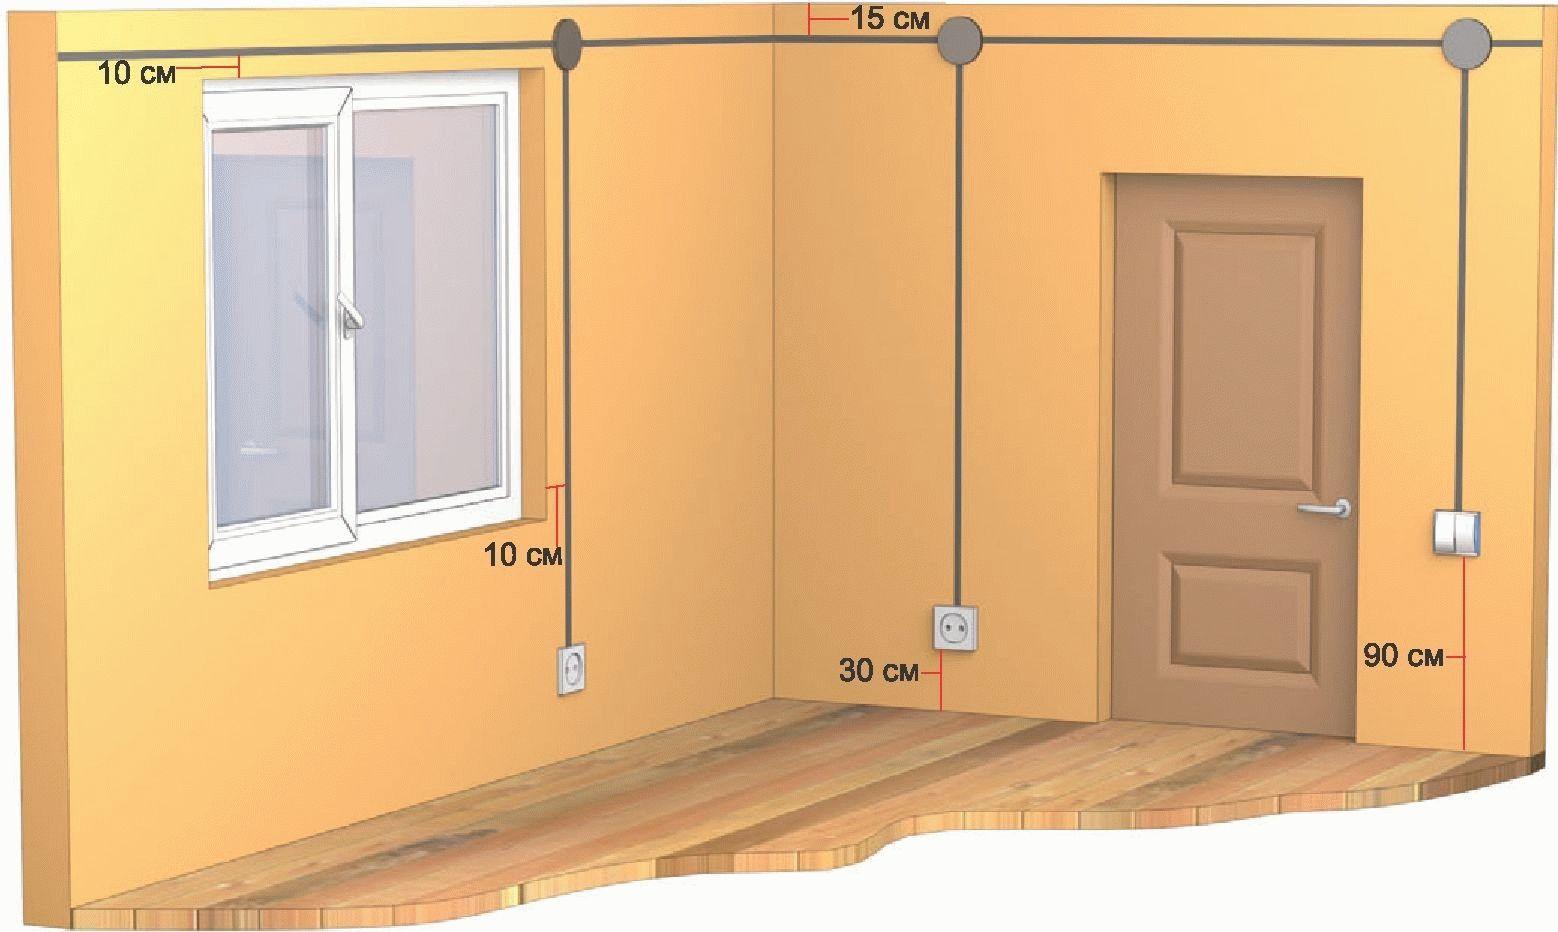 Правильное расположение розеток в квартире: как спланировать и установить правильно своими руками. 115 фото схем и проектов